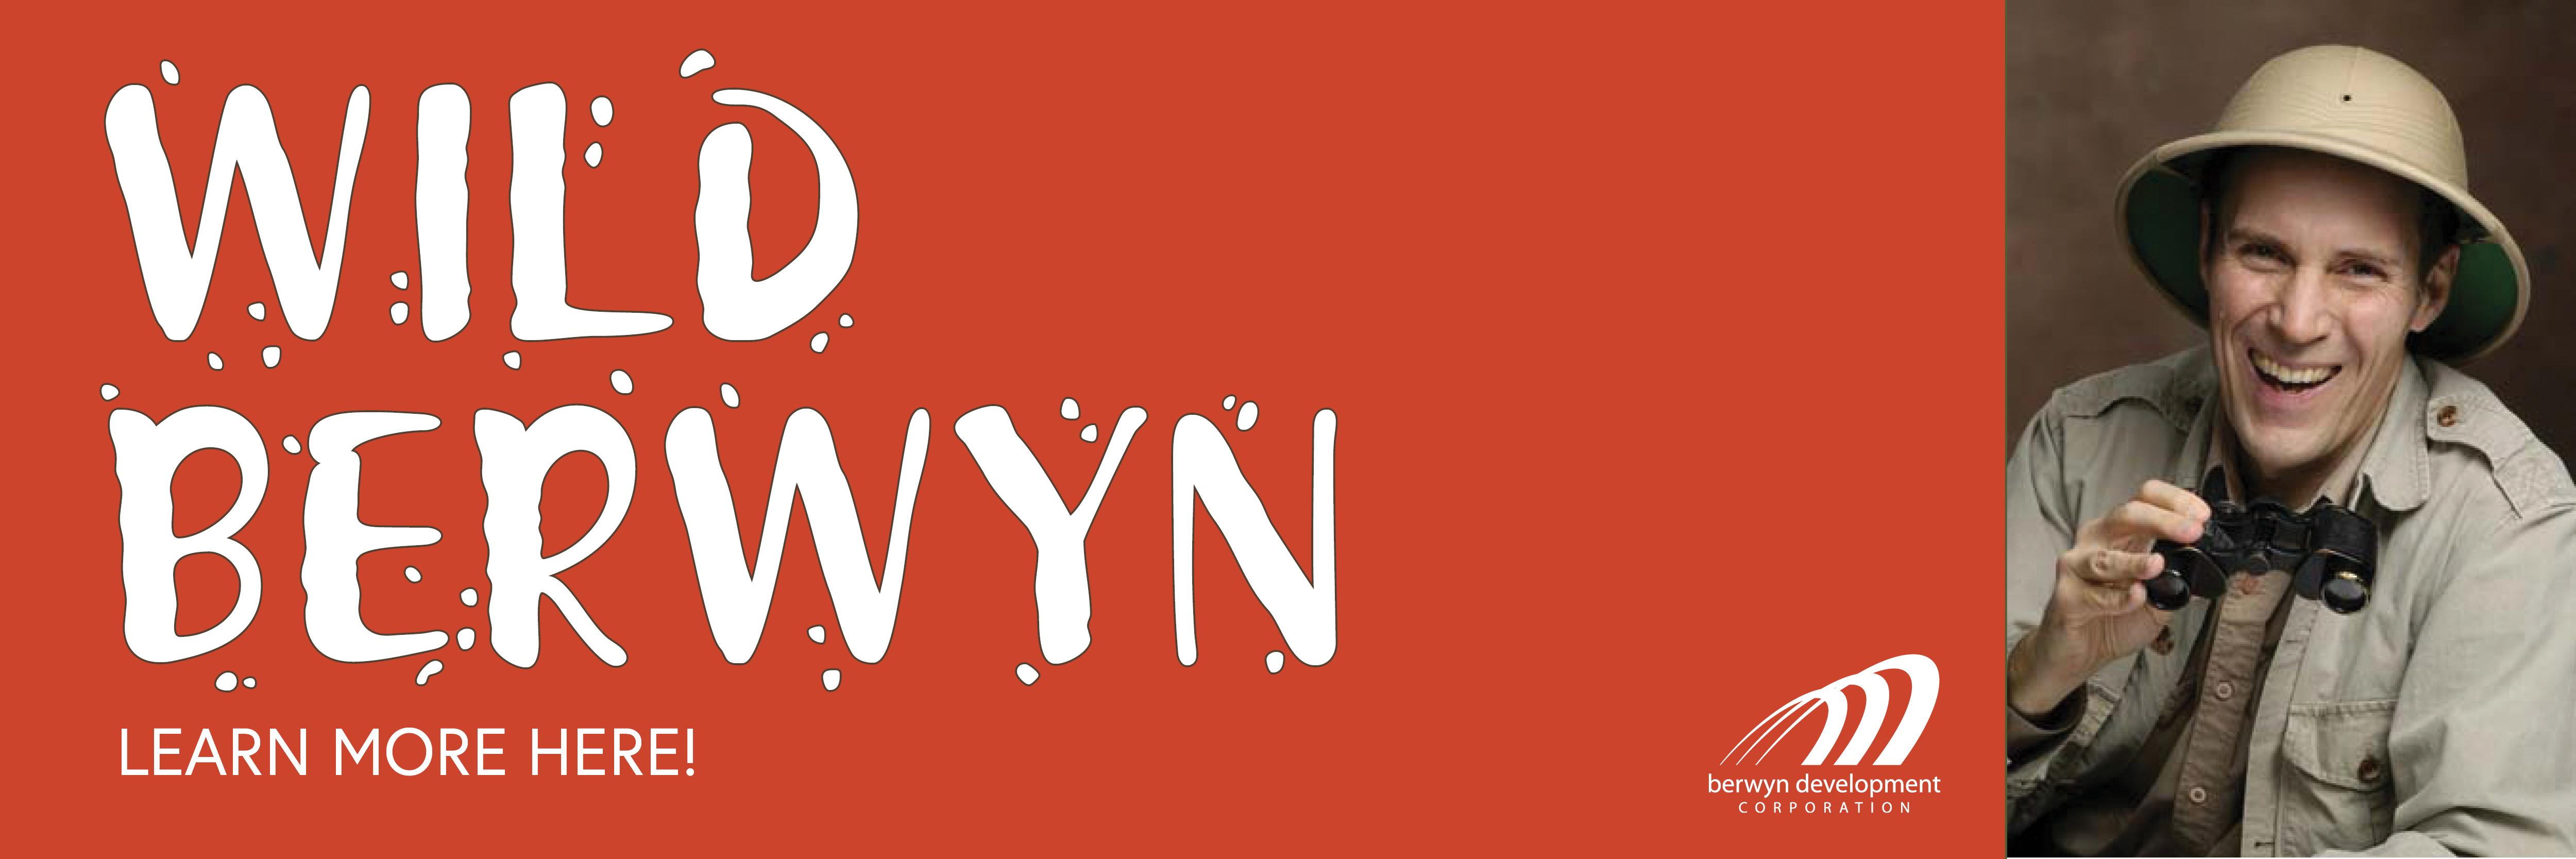 WILD-Berwyn.jpg